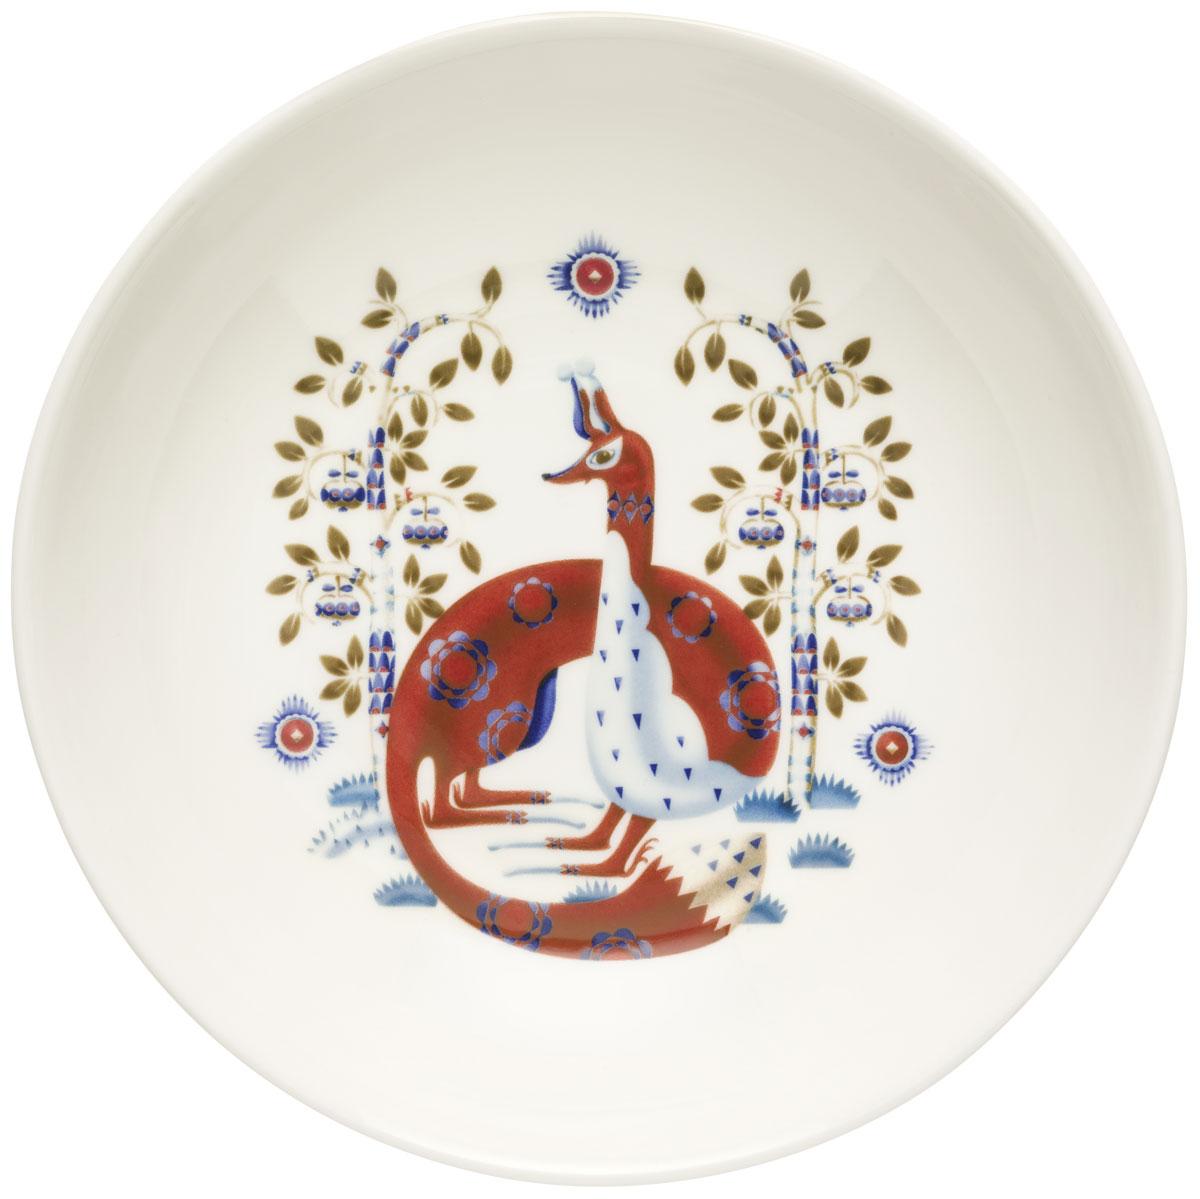 Тарелка глубокая Iittala Taika, цвет: белый, диаметр 22 см1011653Глубокая тарелка Iittala Taika выполнена из качественного жароустойчивого прочного фарфора с долговечным стекловидным эмалевым покрытием. Можно мыть в посудомоечной машине.Диаметр: 20 см.